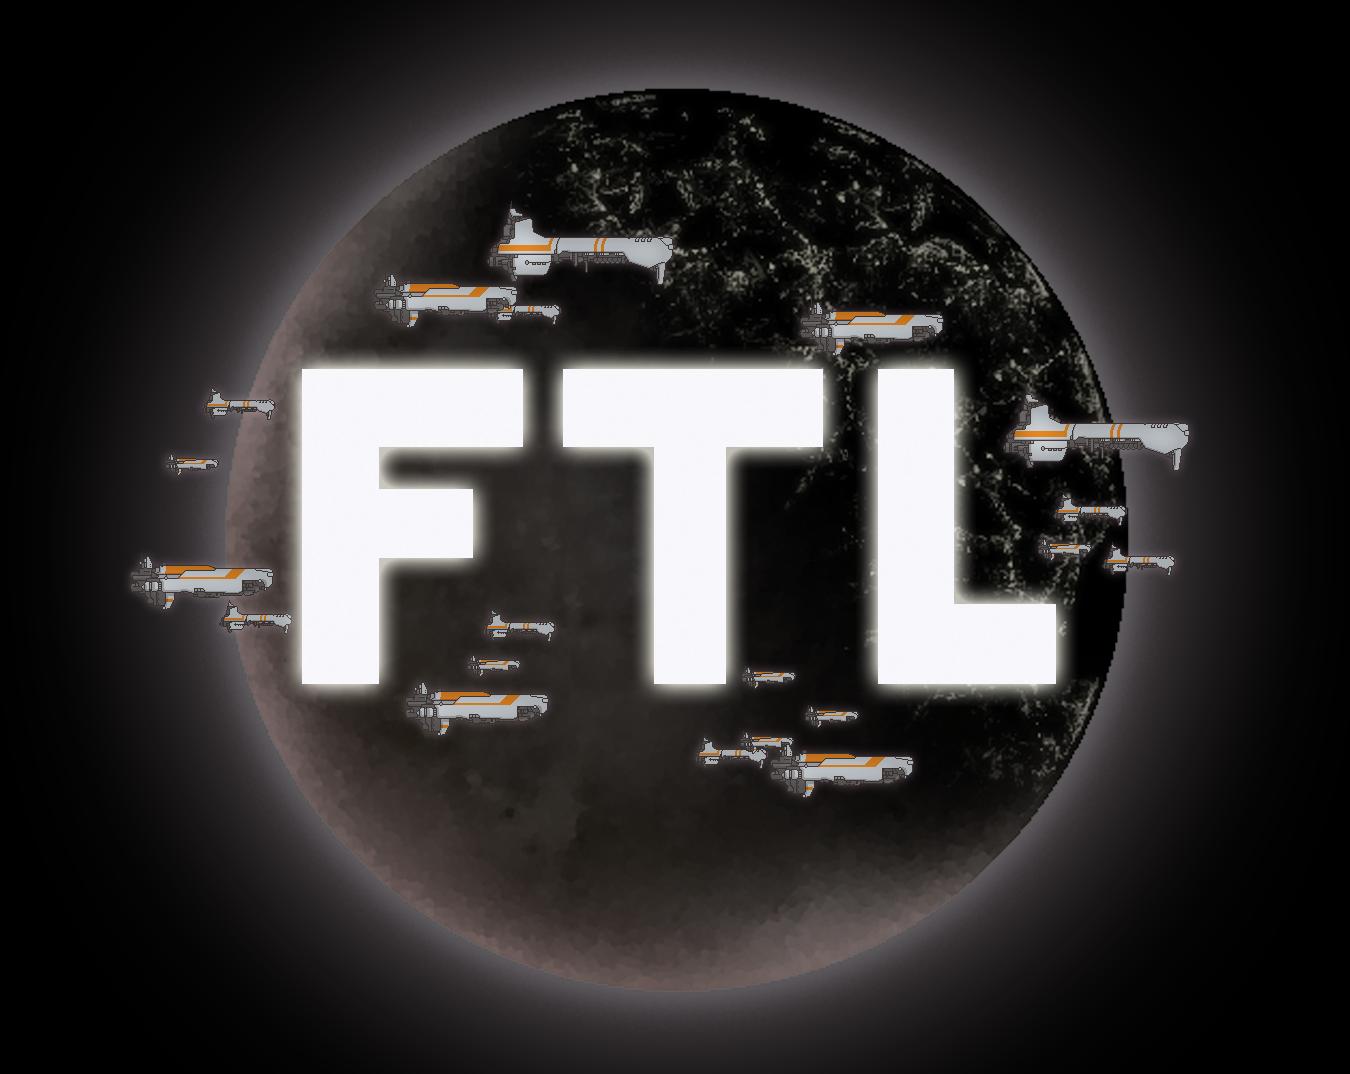 Tapeta z gry FTL przedstawiająca planetę oraz flotę okrętów wojennych na tle logo gry.